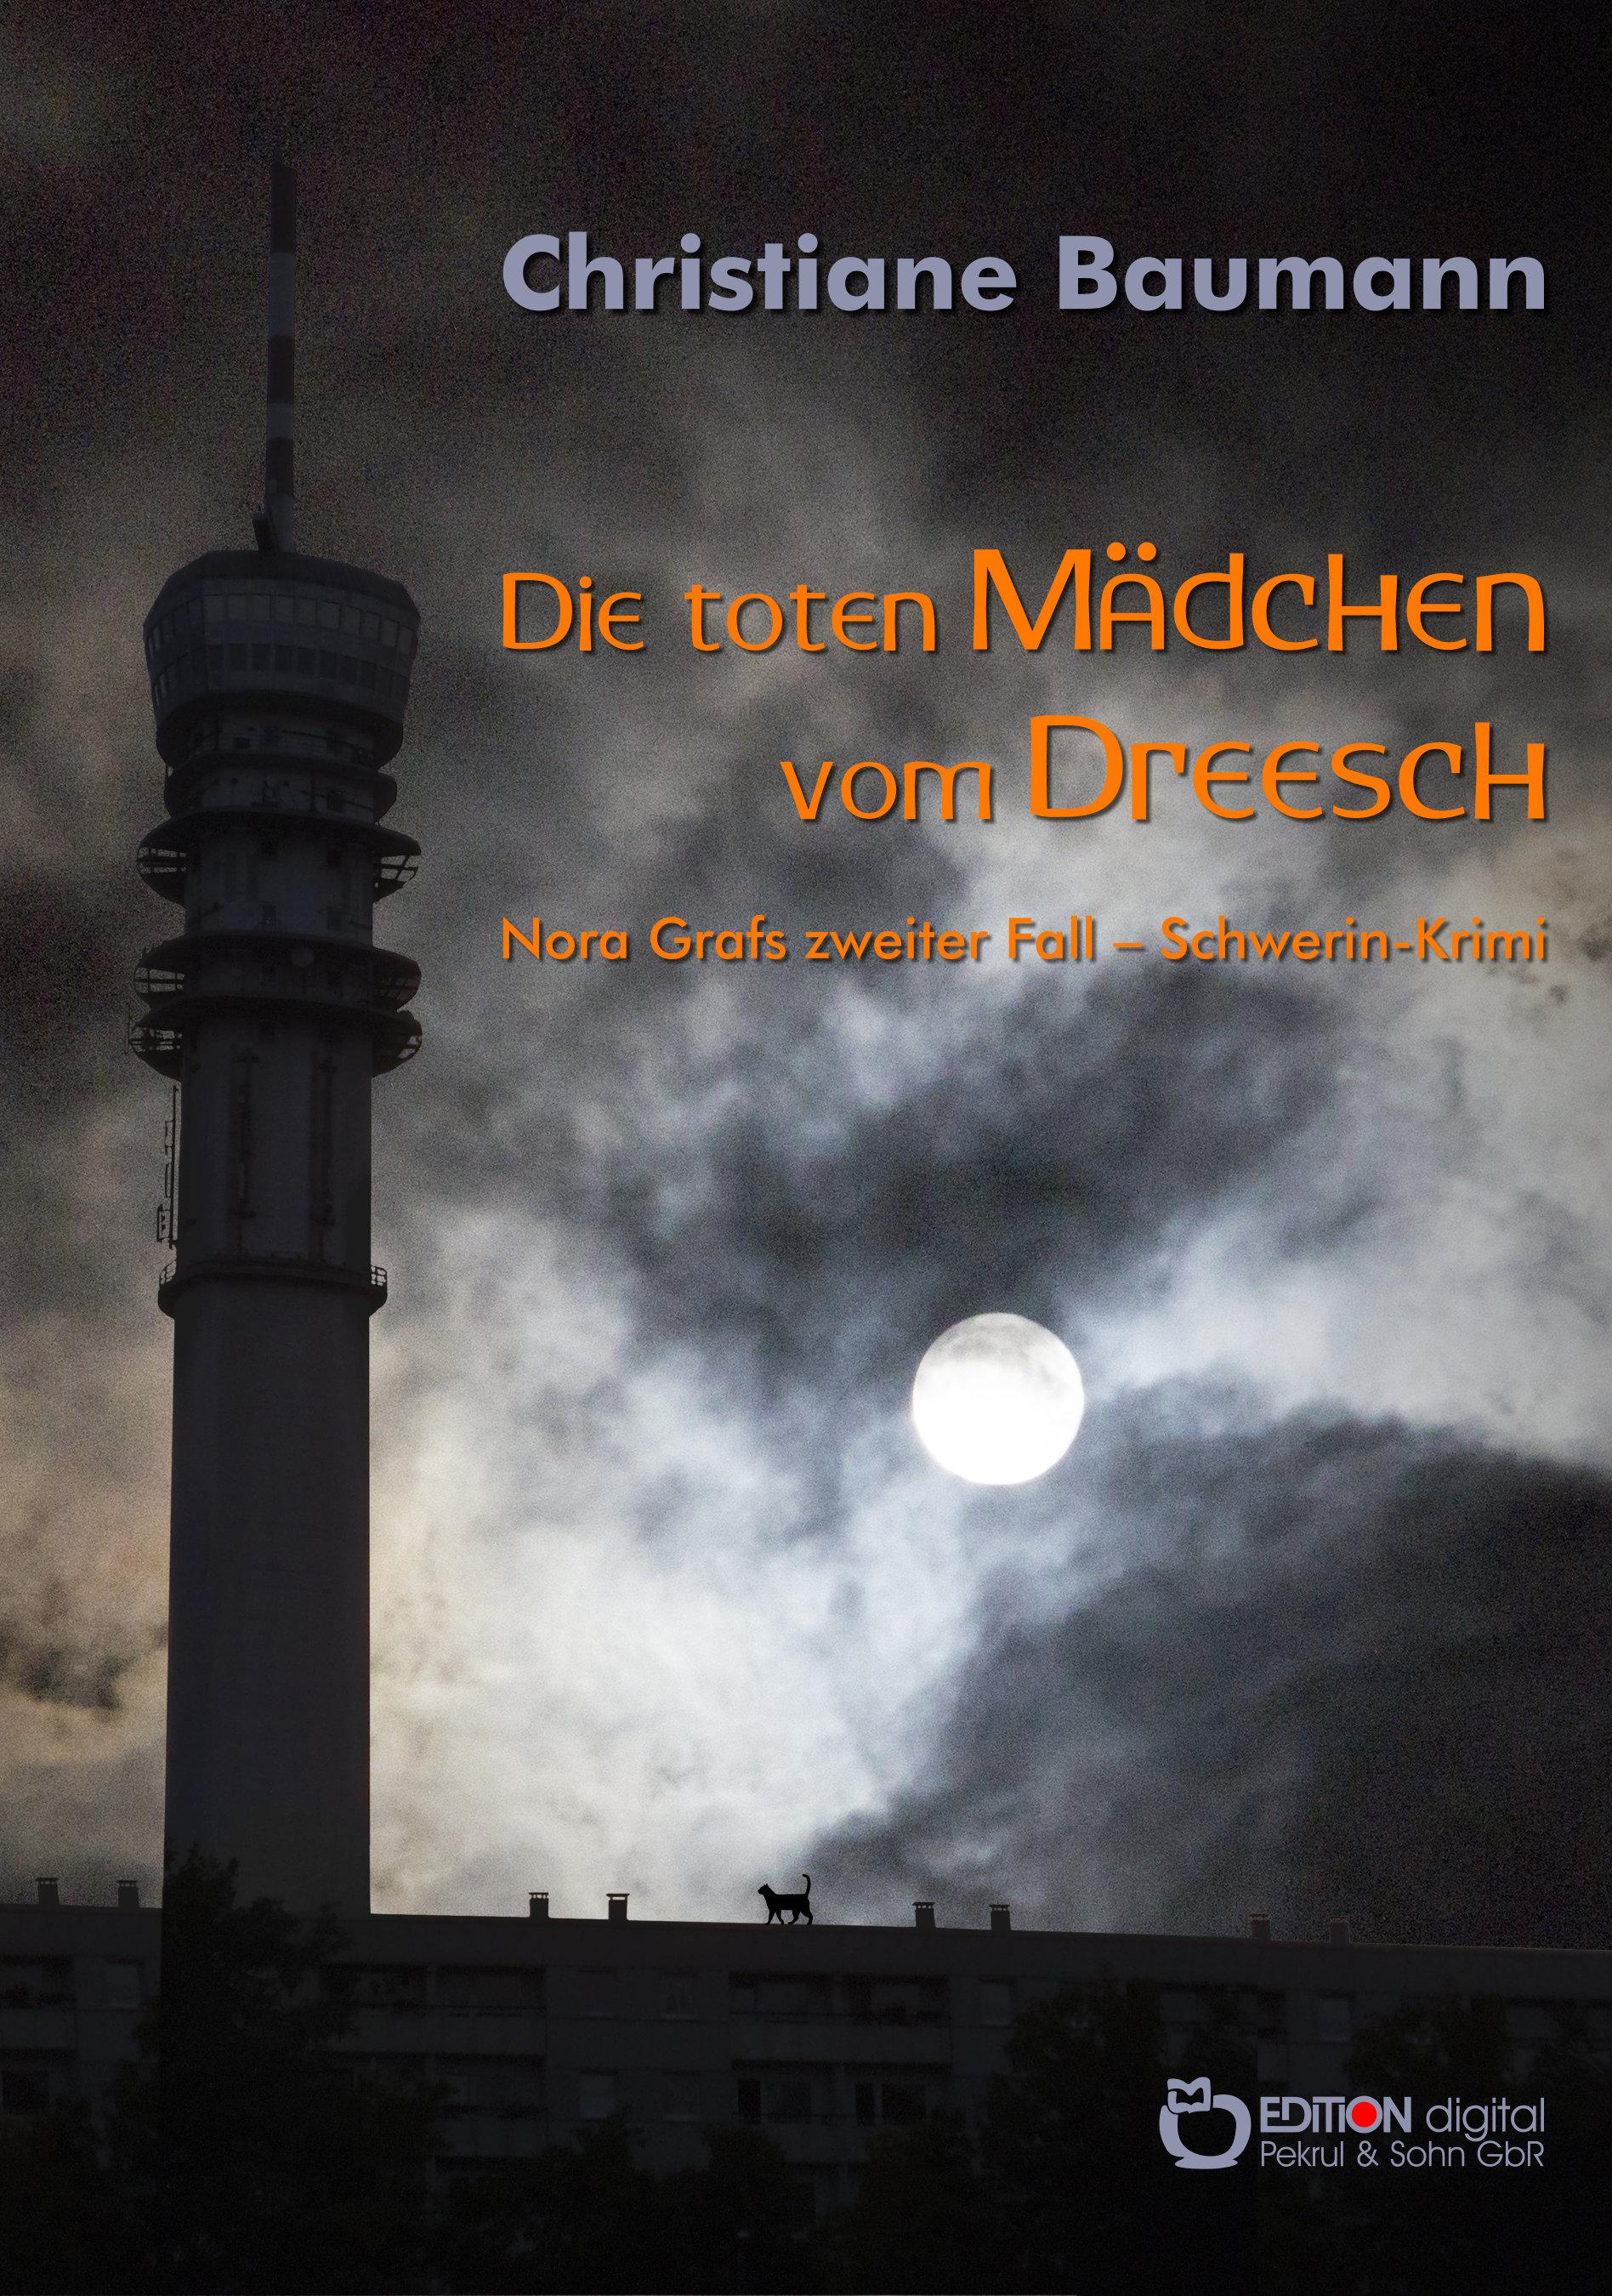 Die toten Mädchen vom Dreesch. Nora Grafs zweiter Fall – Schwerin-Krimi von Christiane Baumann